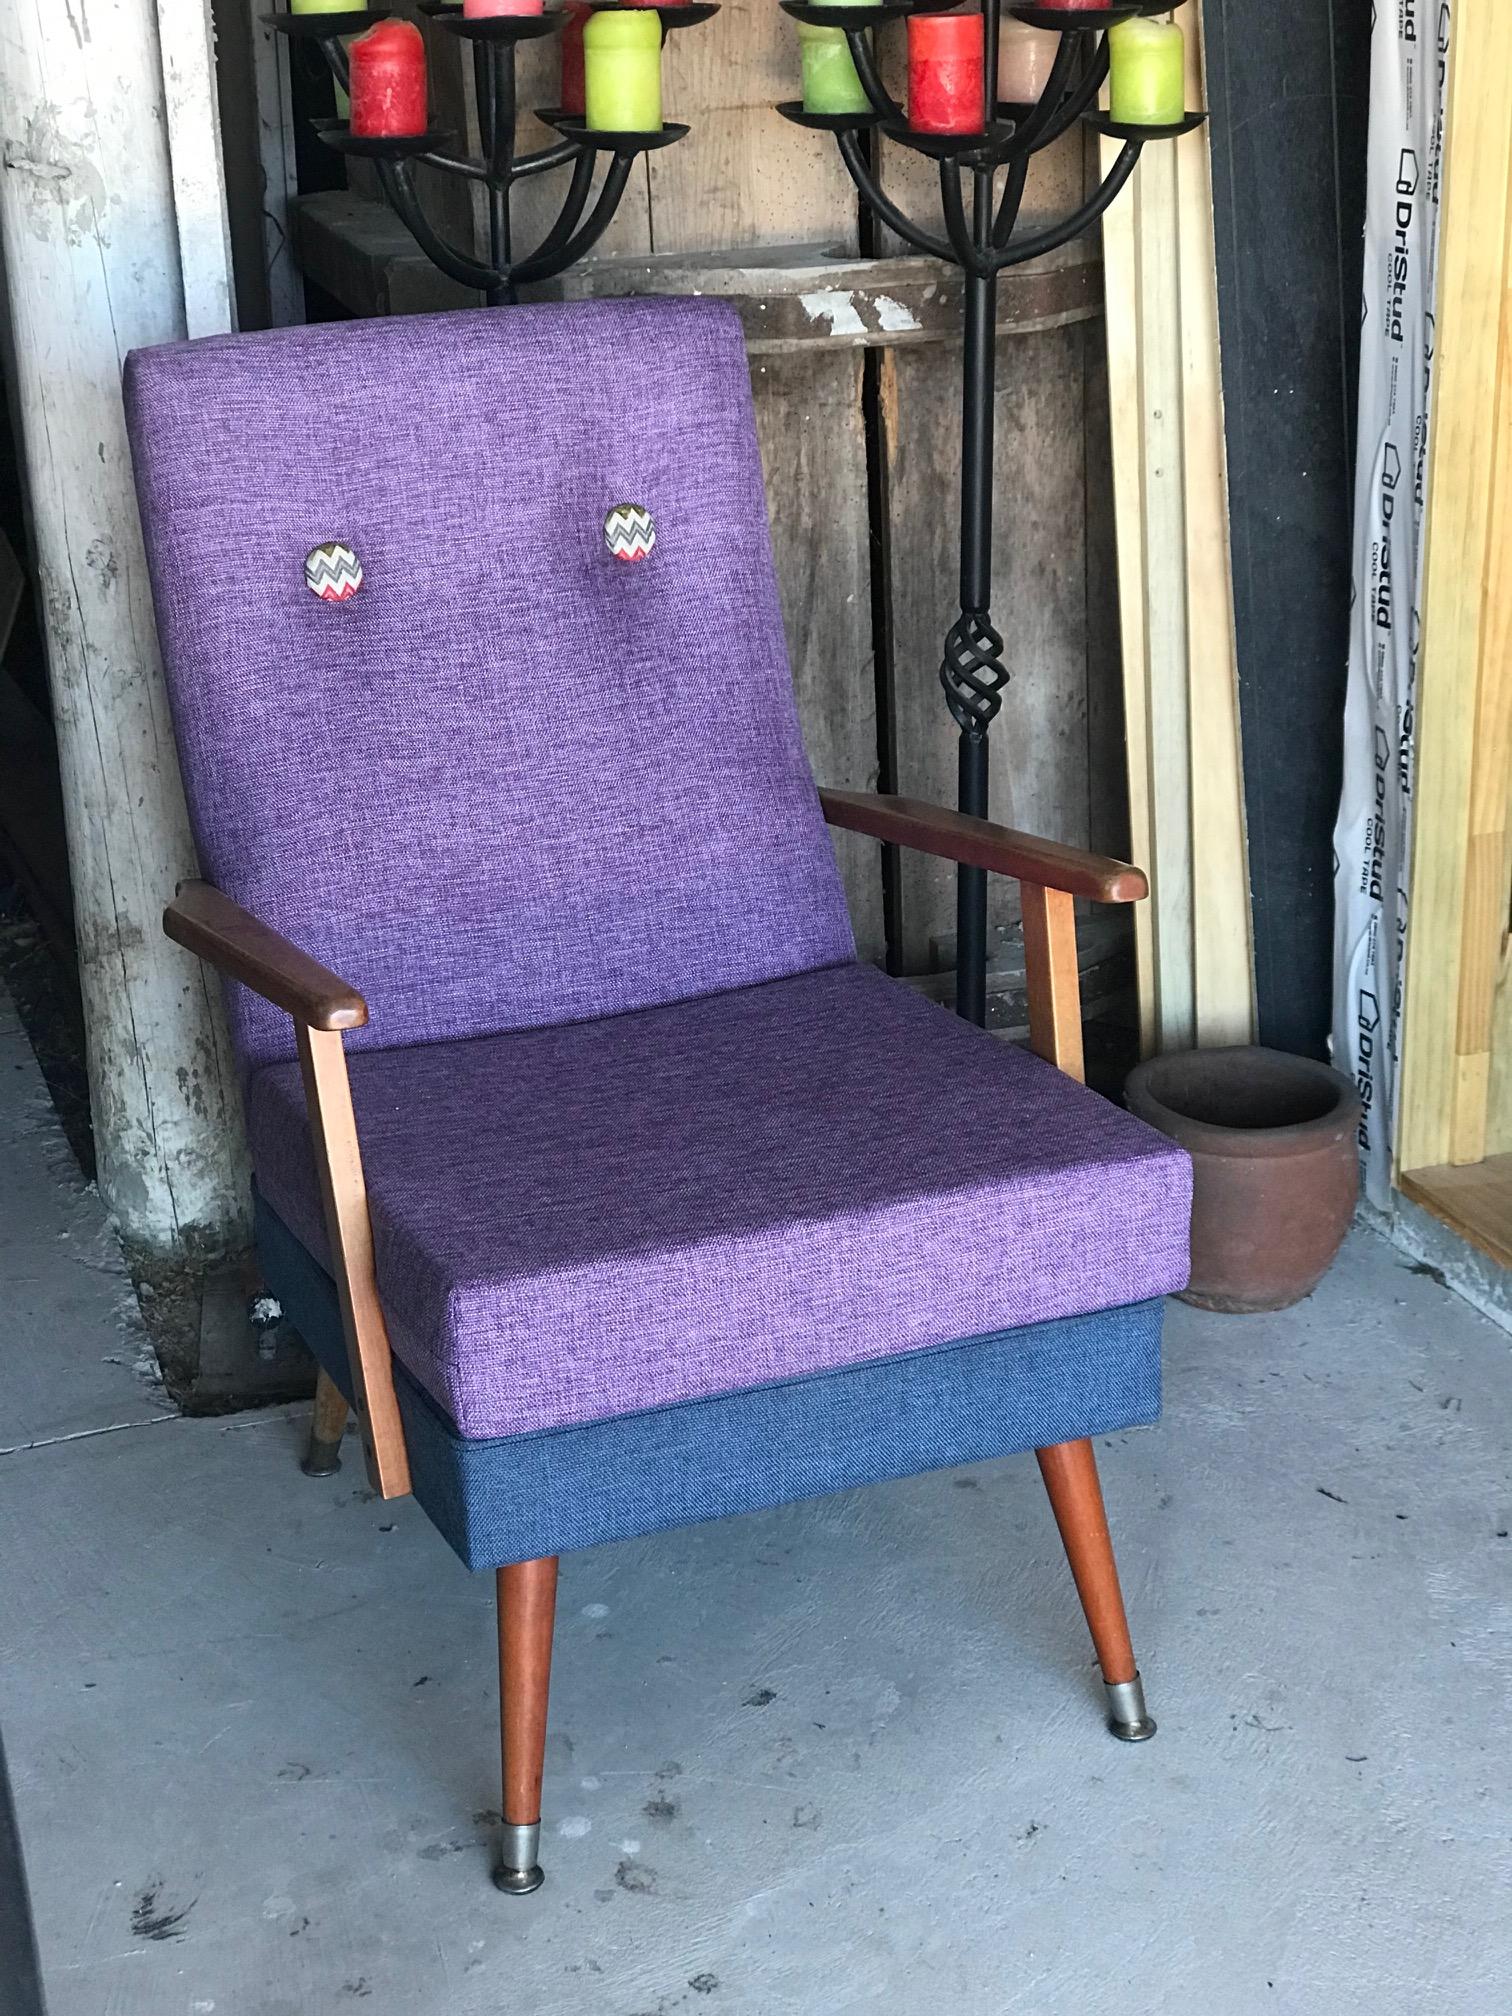 Retro reupholster